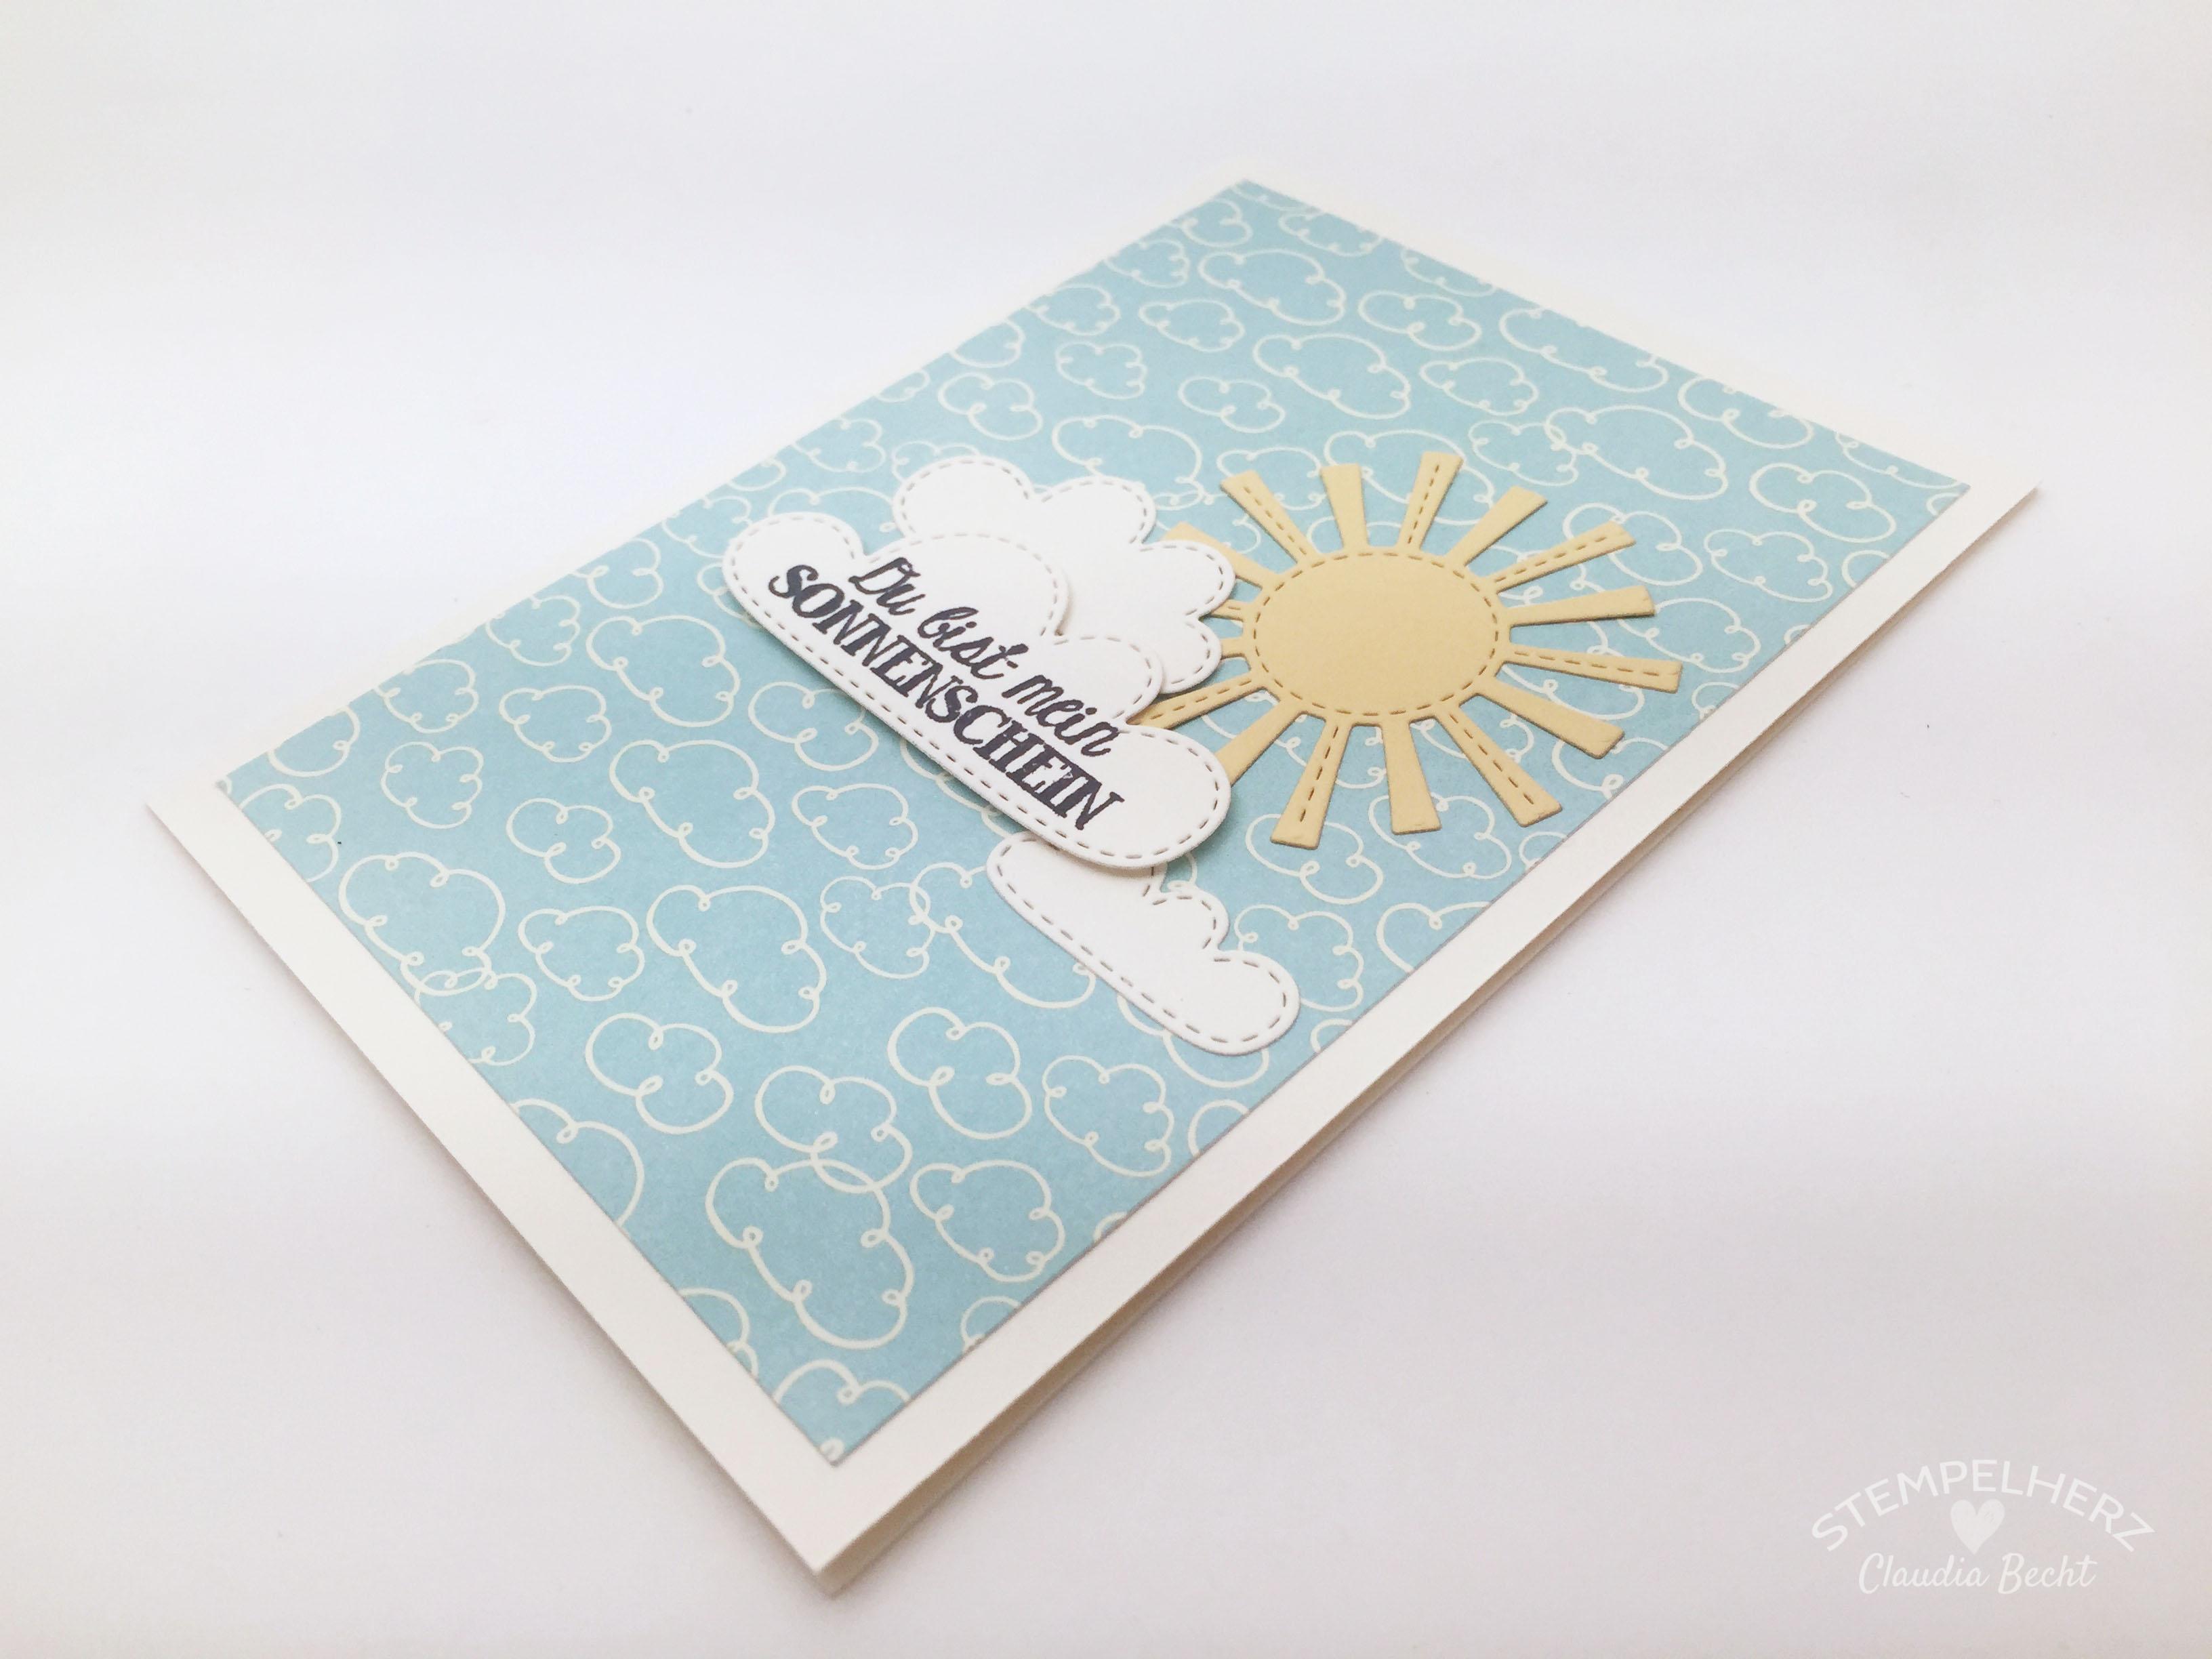 Stampin Up-Stempelherz-Grußkarte-Geburtstagskarte-Hinterm Regenbogen-Karte Du bist mein Sonnenschein 06b